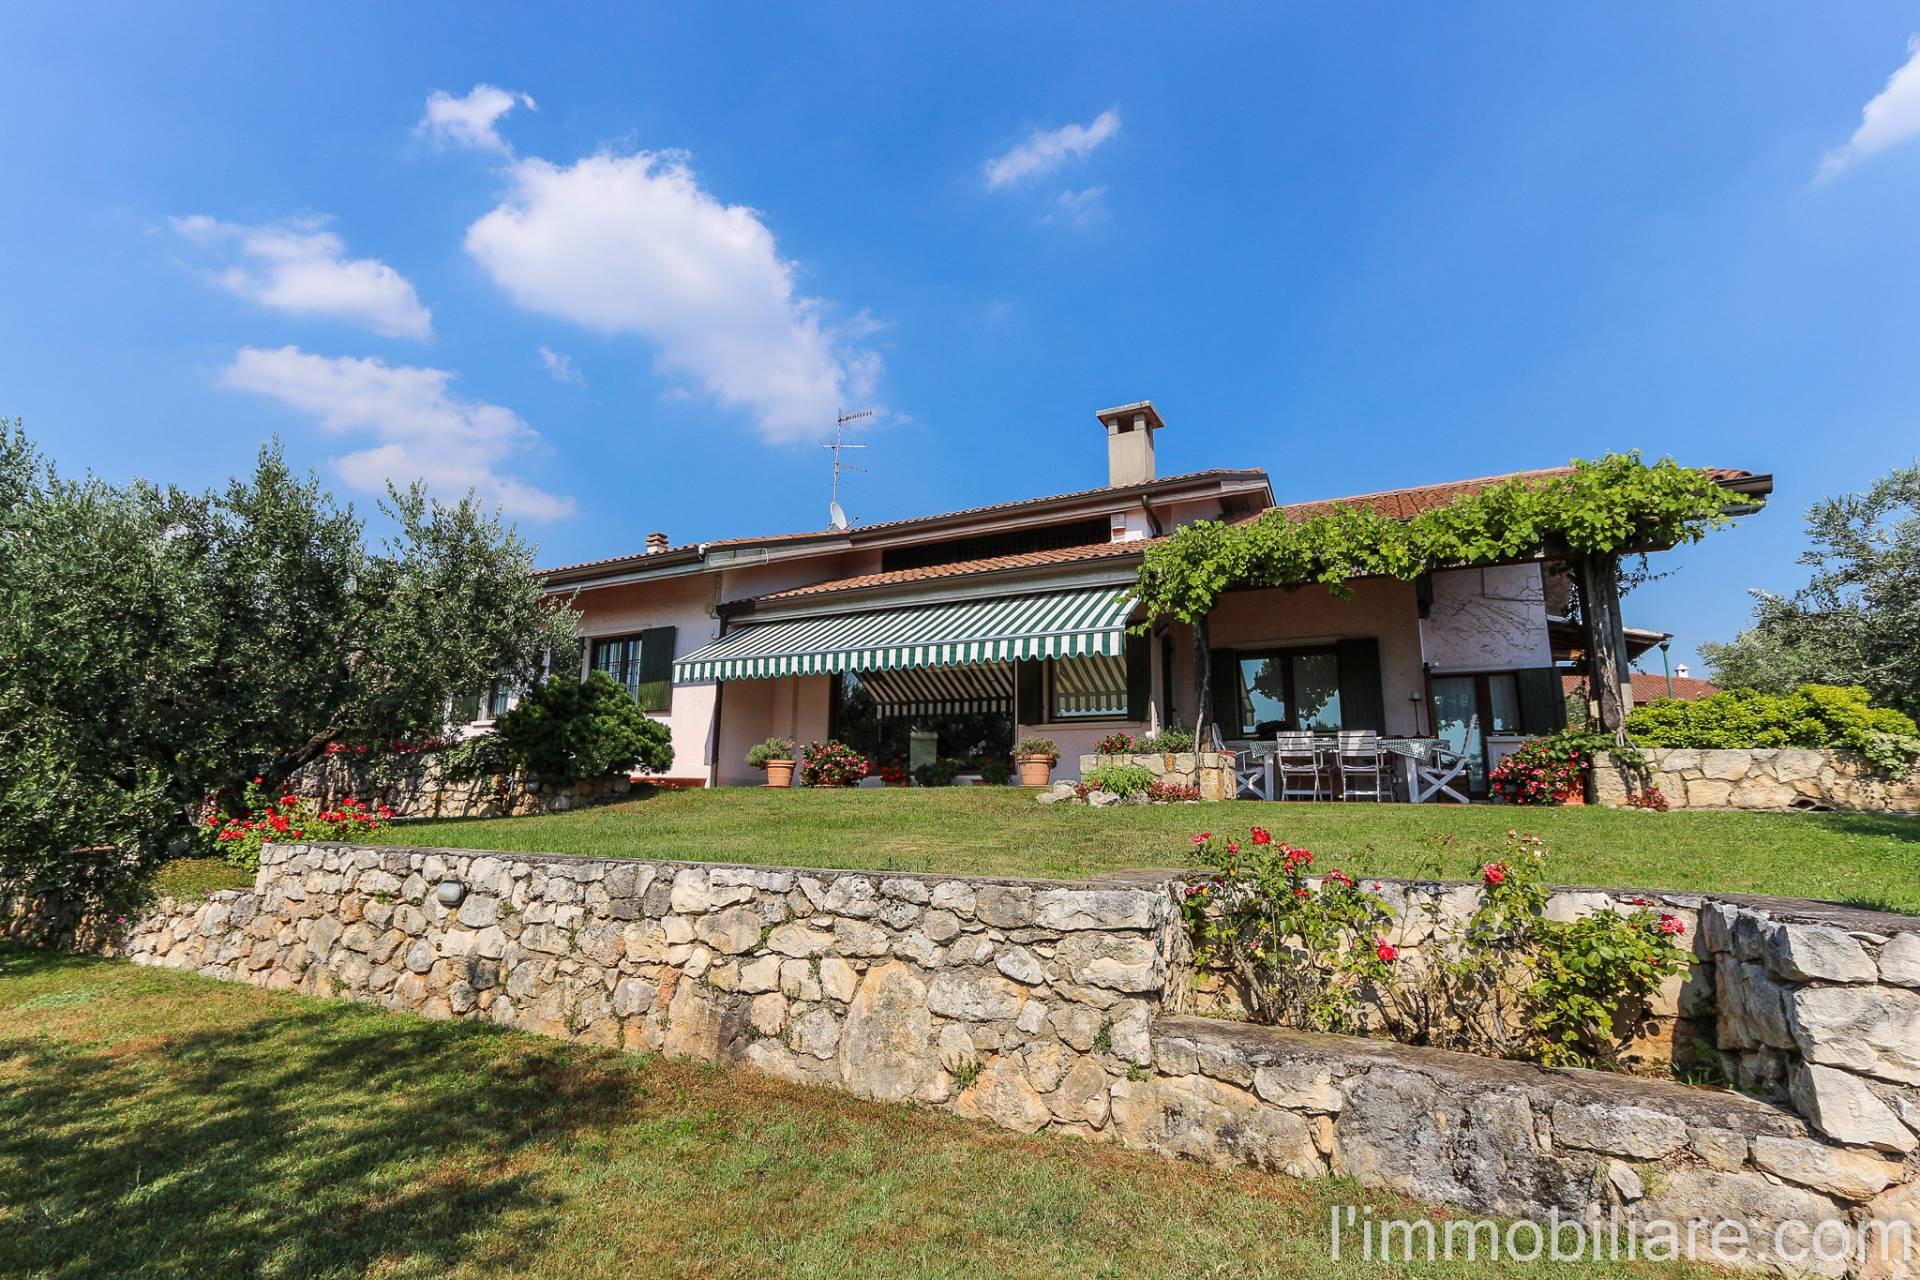 Villa in vendita a Verona, 10 locali, zona Località: Montericco, Trattative riservate | Cambio Casa.it